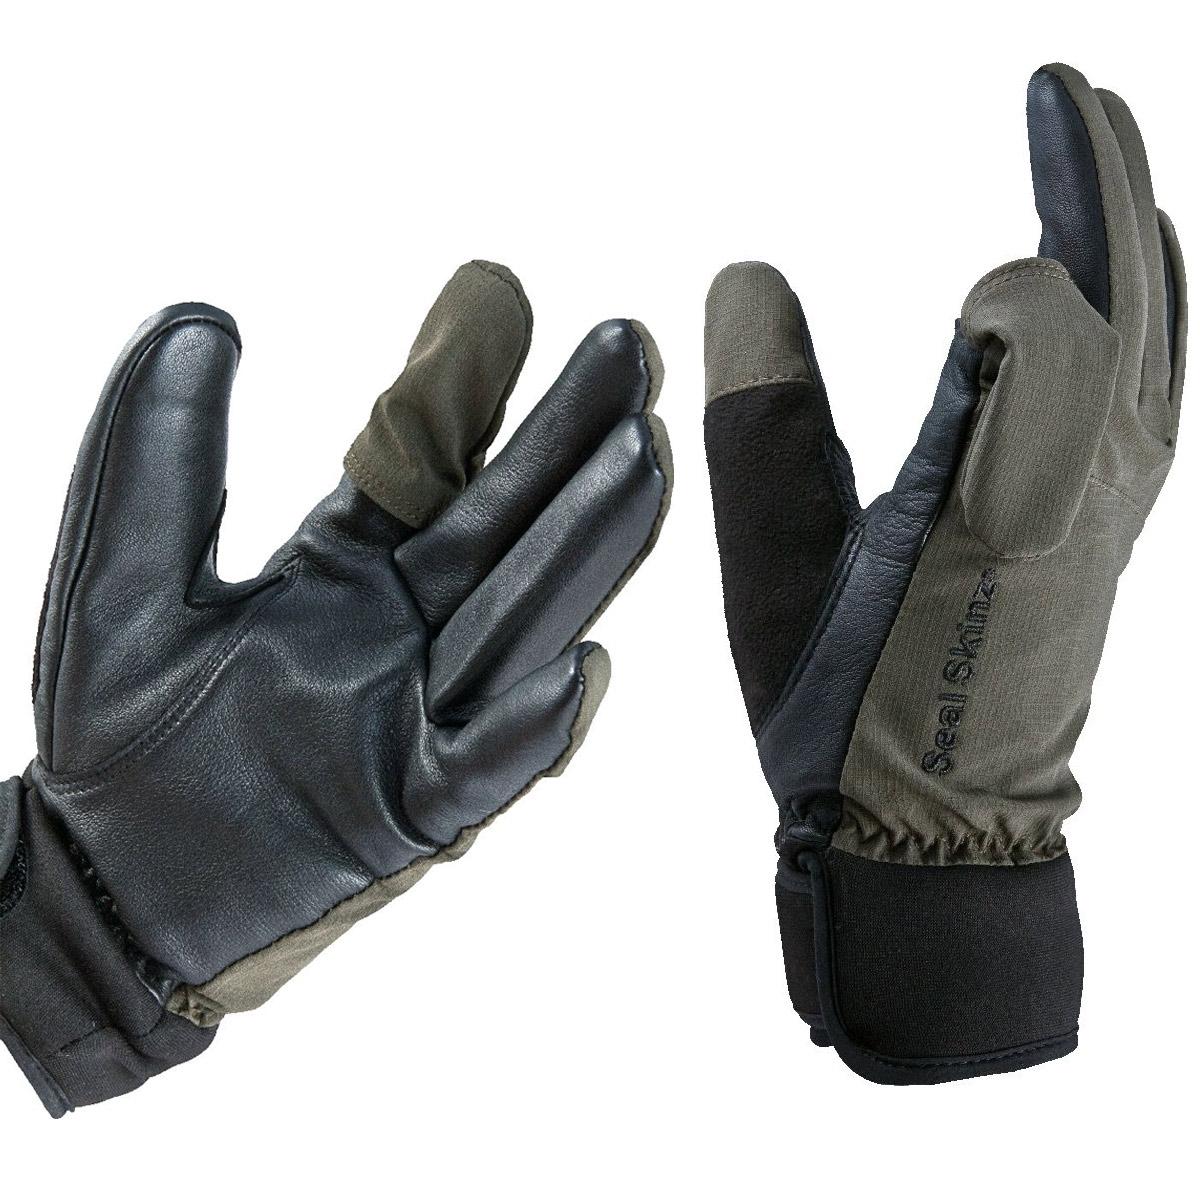 Black gloves uk - Image Of Sealskinz Shooting Glove Olive